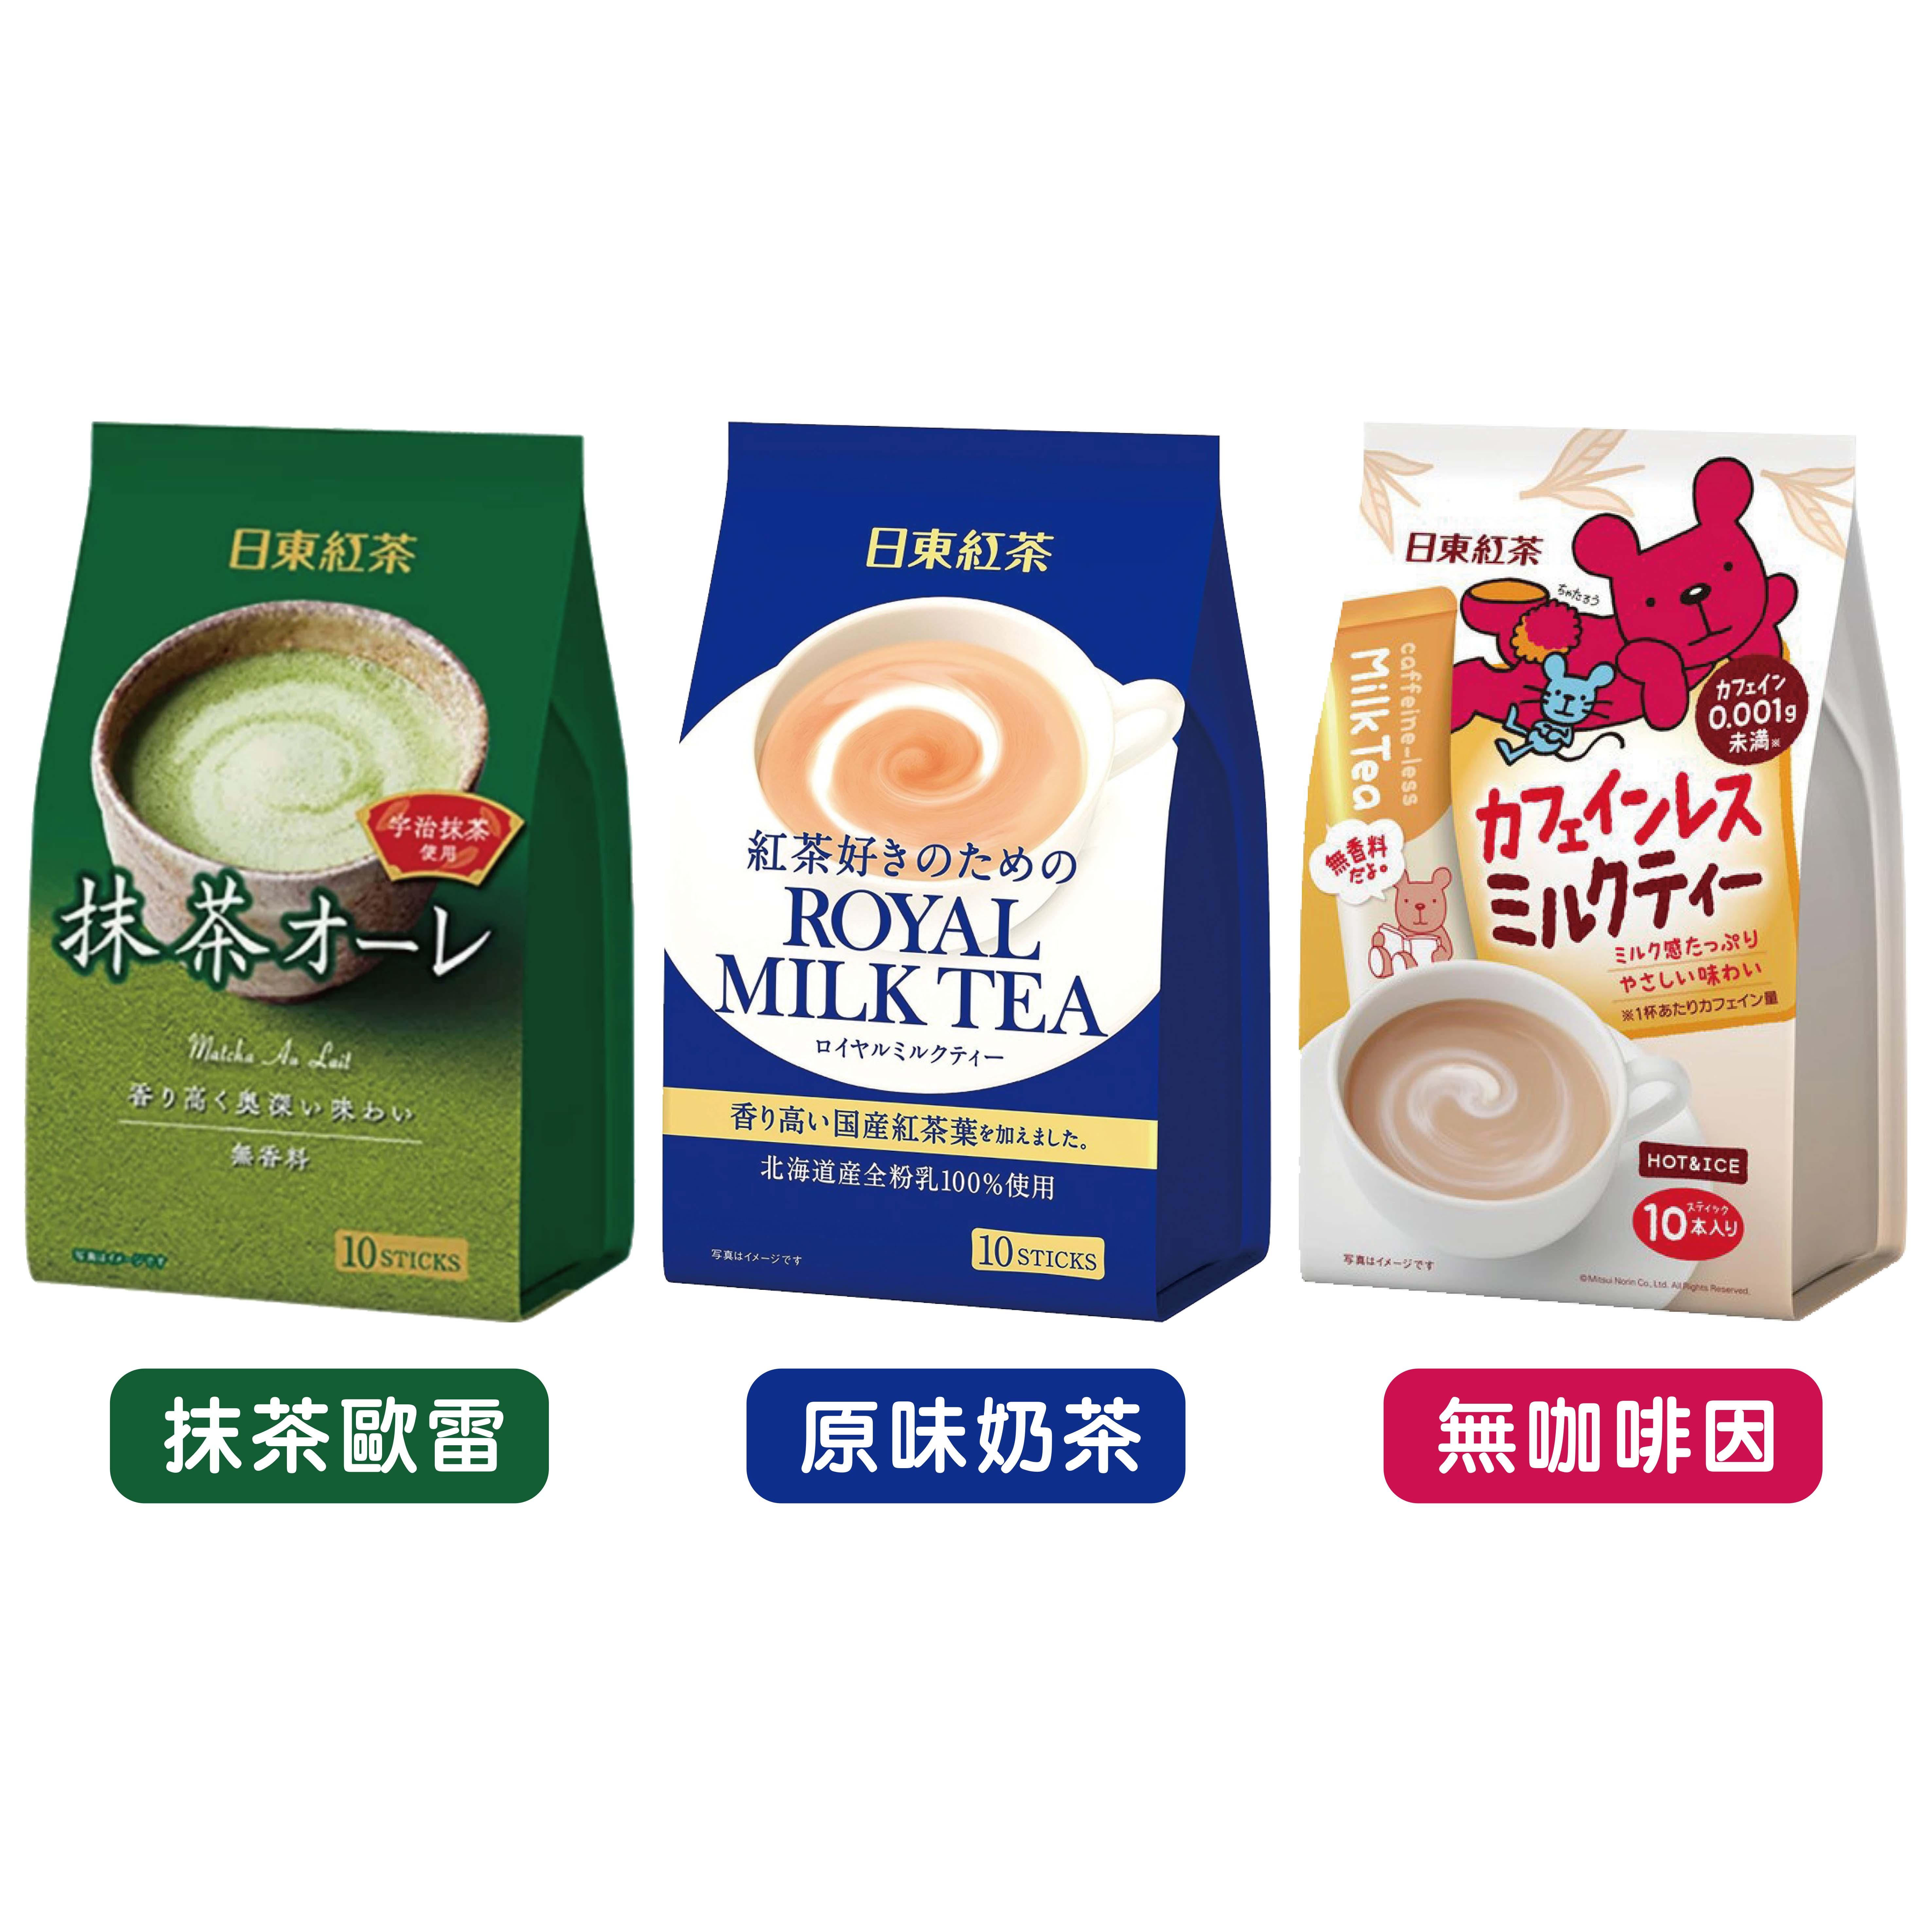 日本 日東紅茶 10入 皇家奶茶 140g (原味奶茶/抹茶歐蕾/無咖啡因) 沖泡 奶茶